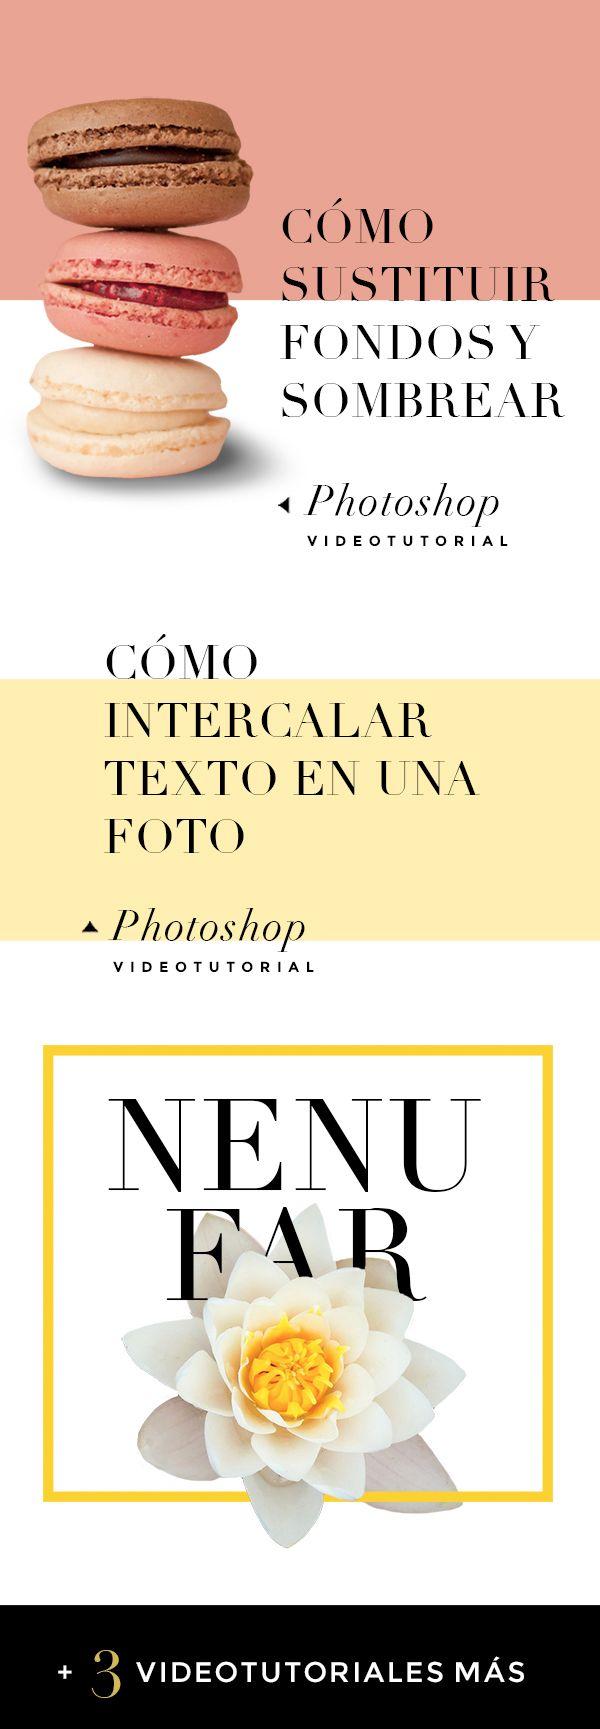 Si quieres aprender Photoshop, no te pierdas mis 5 videotutoriales gratis y mi curso online Photoshop para Diseño Gráfico. Puedes verlo todo aqui http://amazing.meisi.es/photoshop  #photoshop #blog #cursoonline #diseñografico